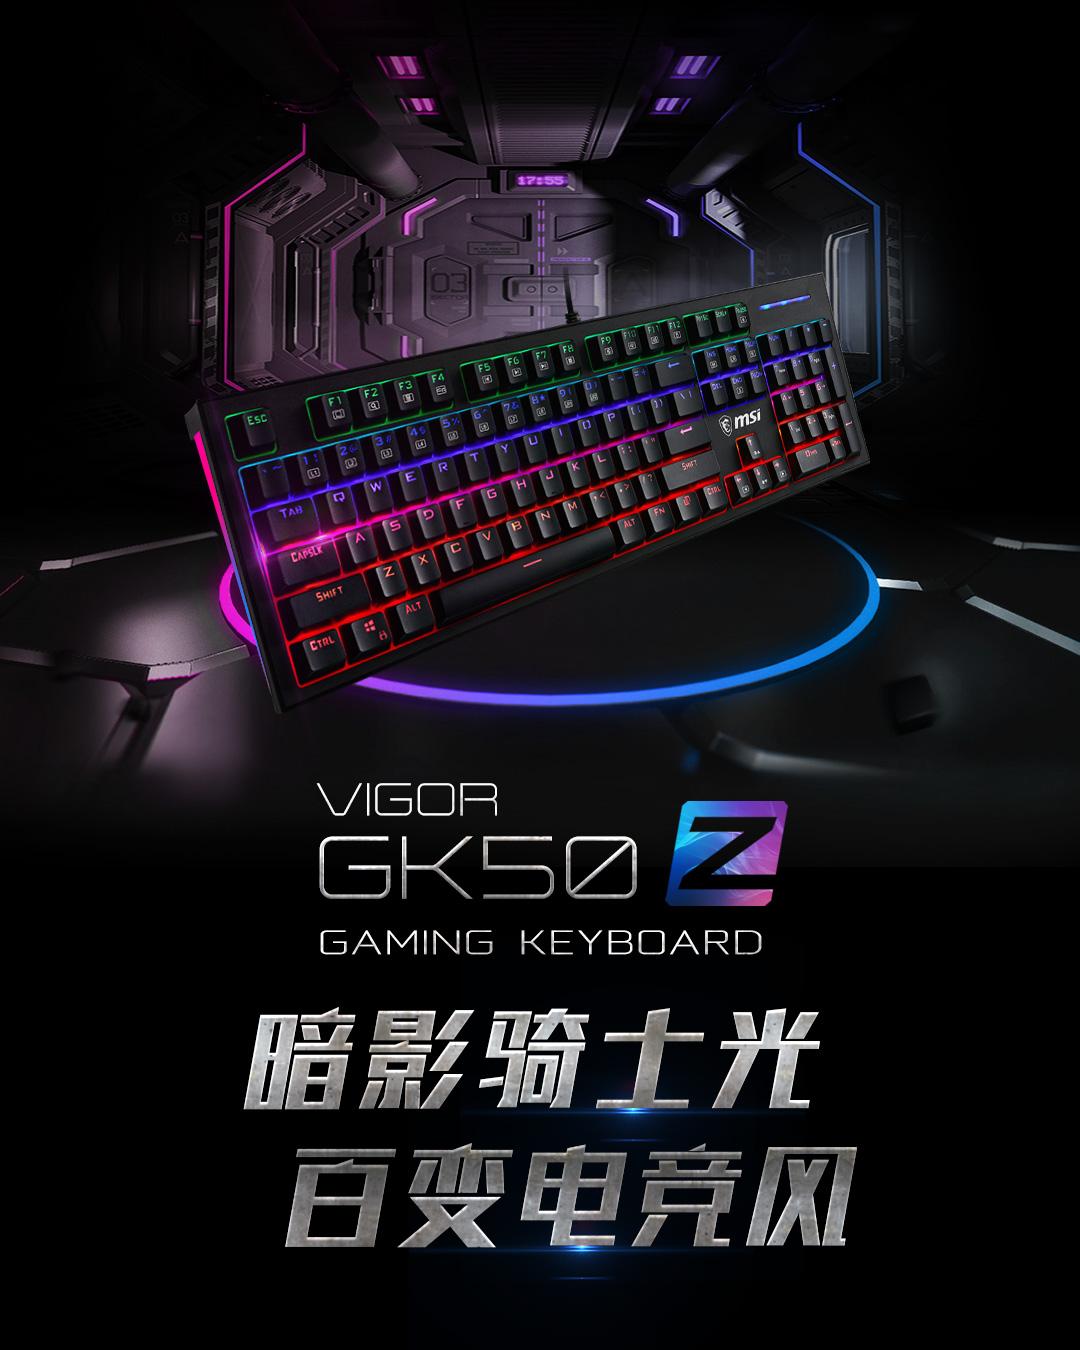 GK50 Z BLACK